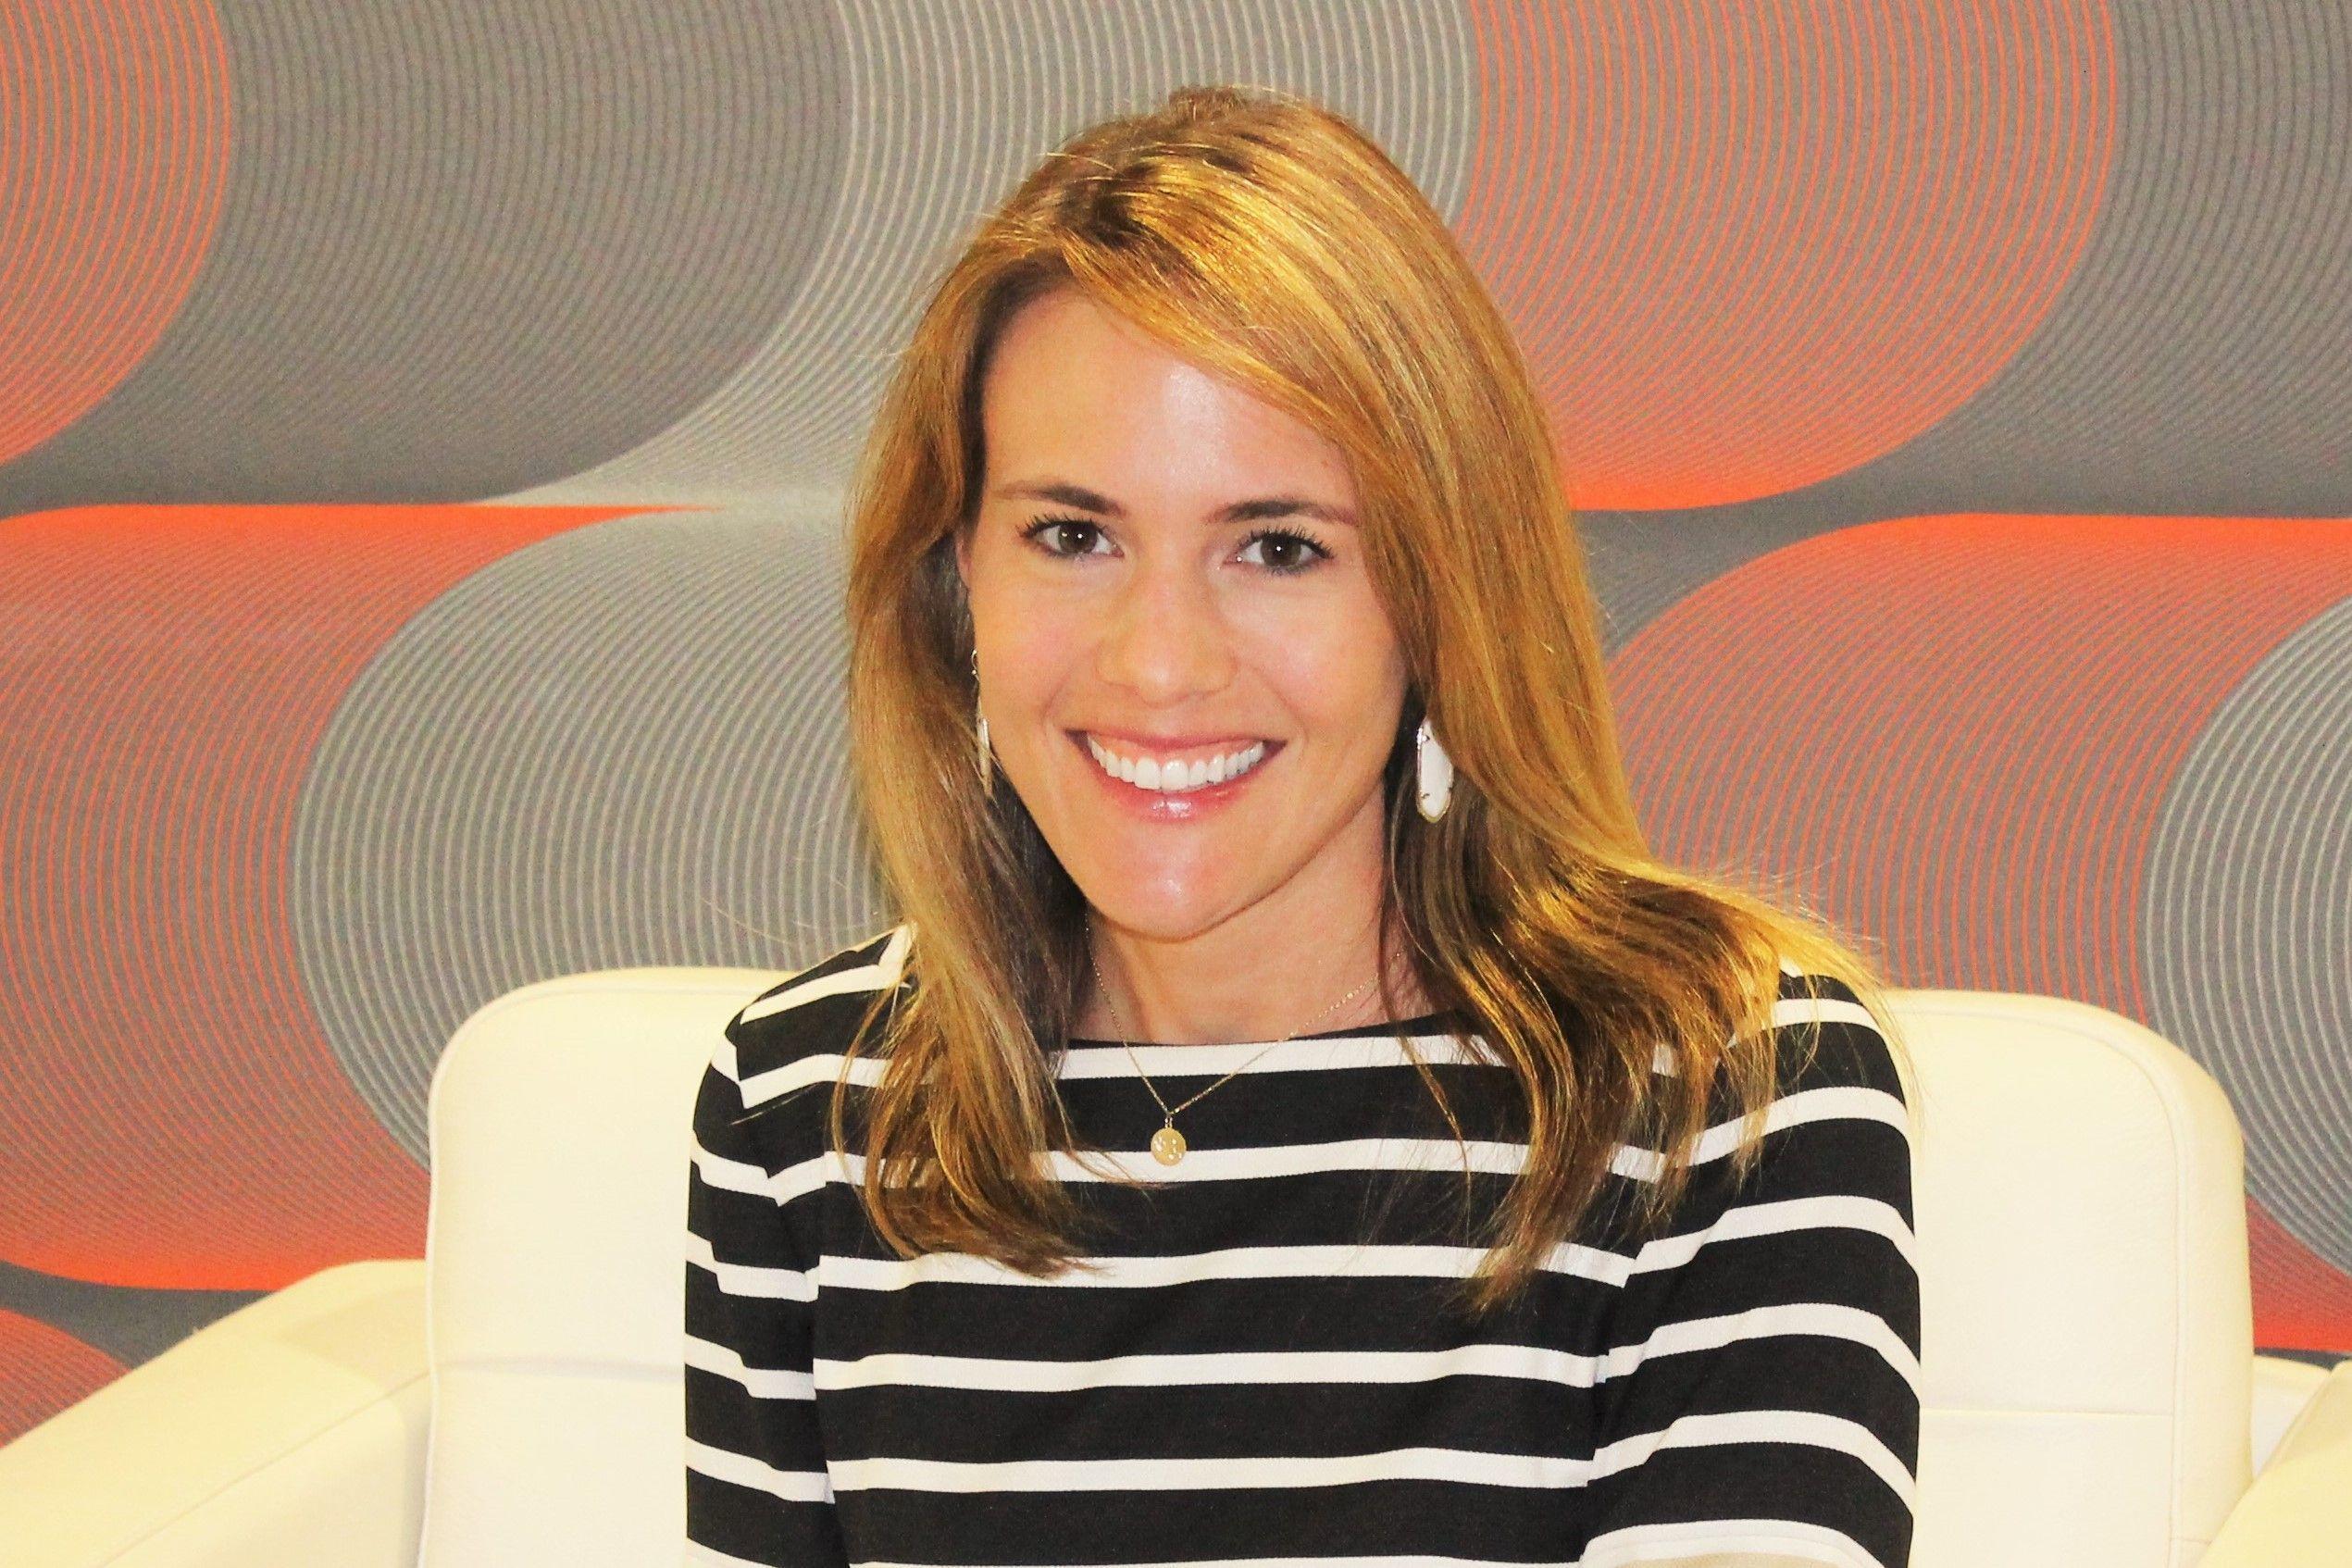 Lauren R. - Tampa Bay Agile (Tampa, FL)